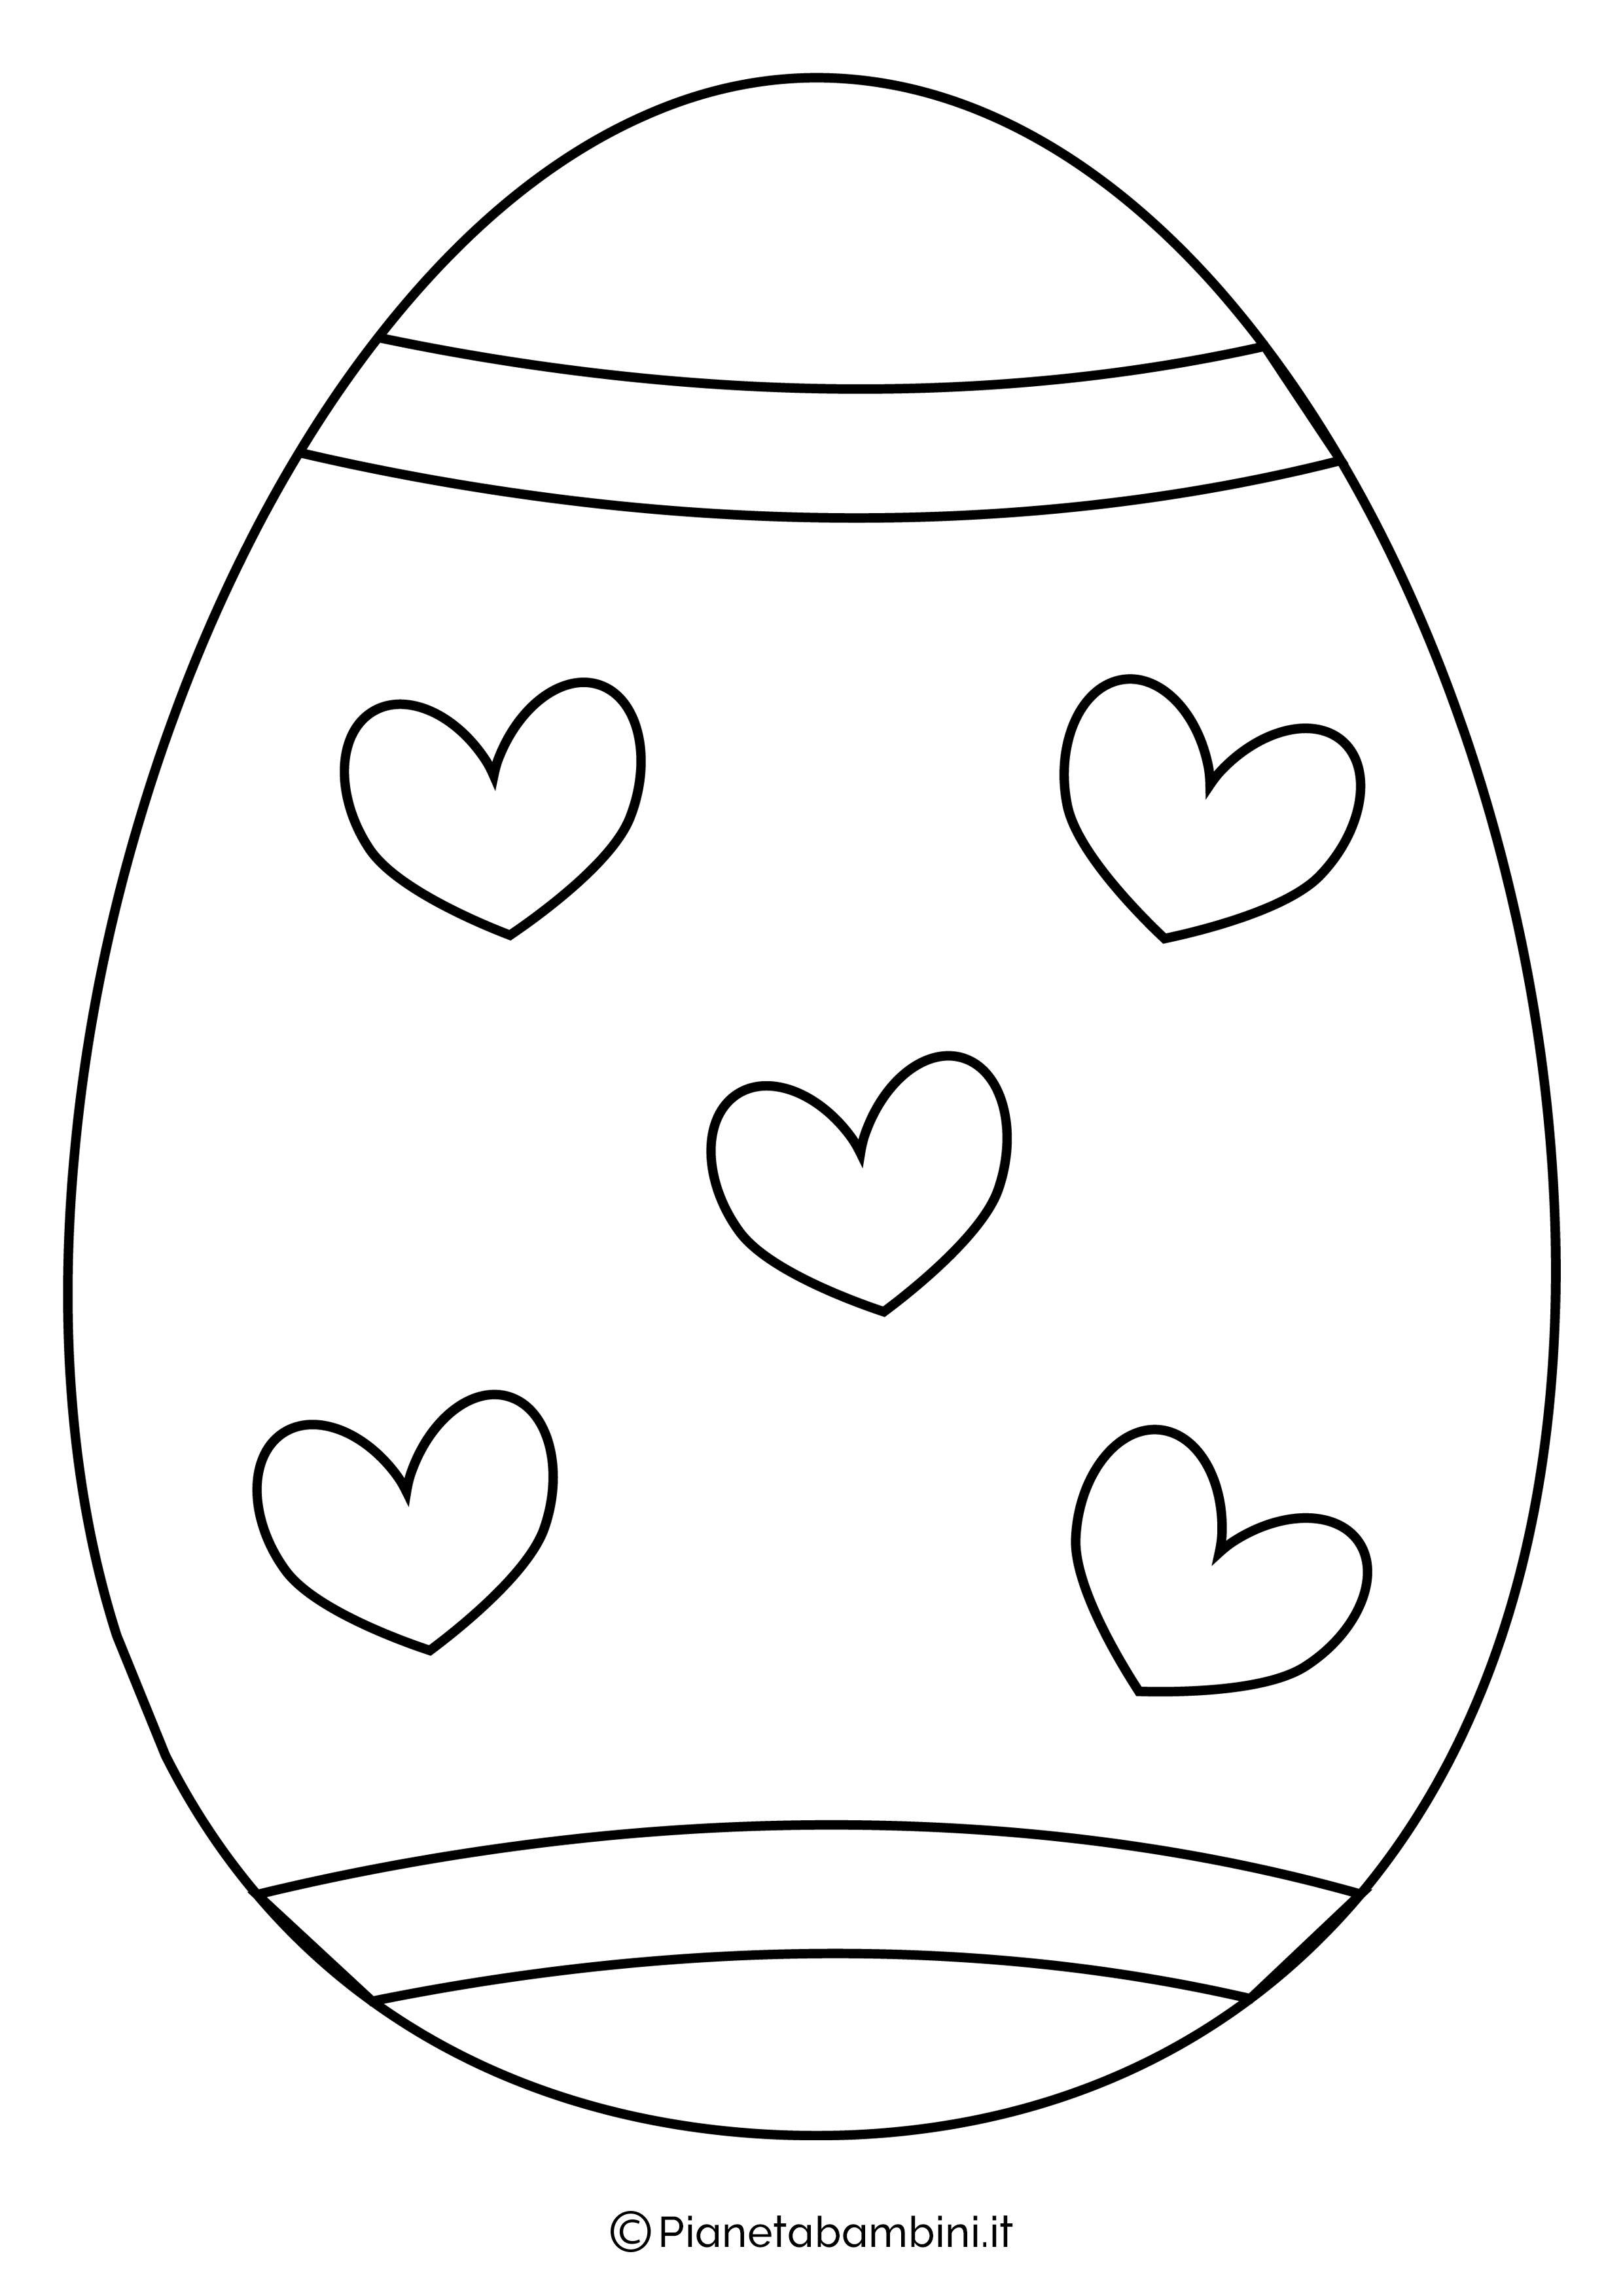 Sagome E Disegni Di Uova Di Pasqua Da Stampare E Colorare Pianetabambini It